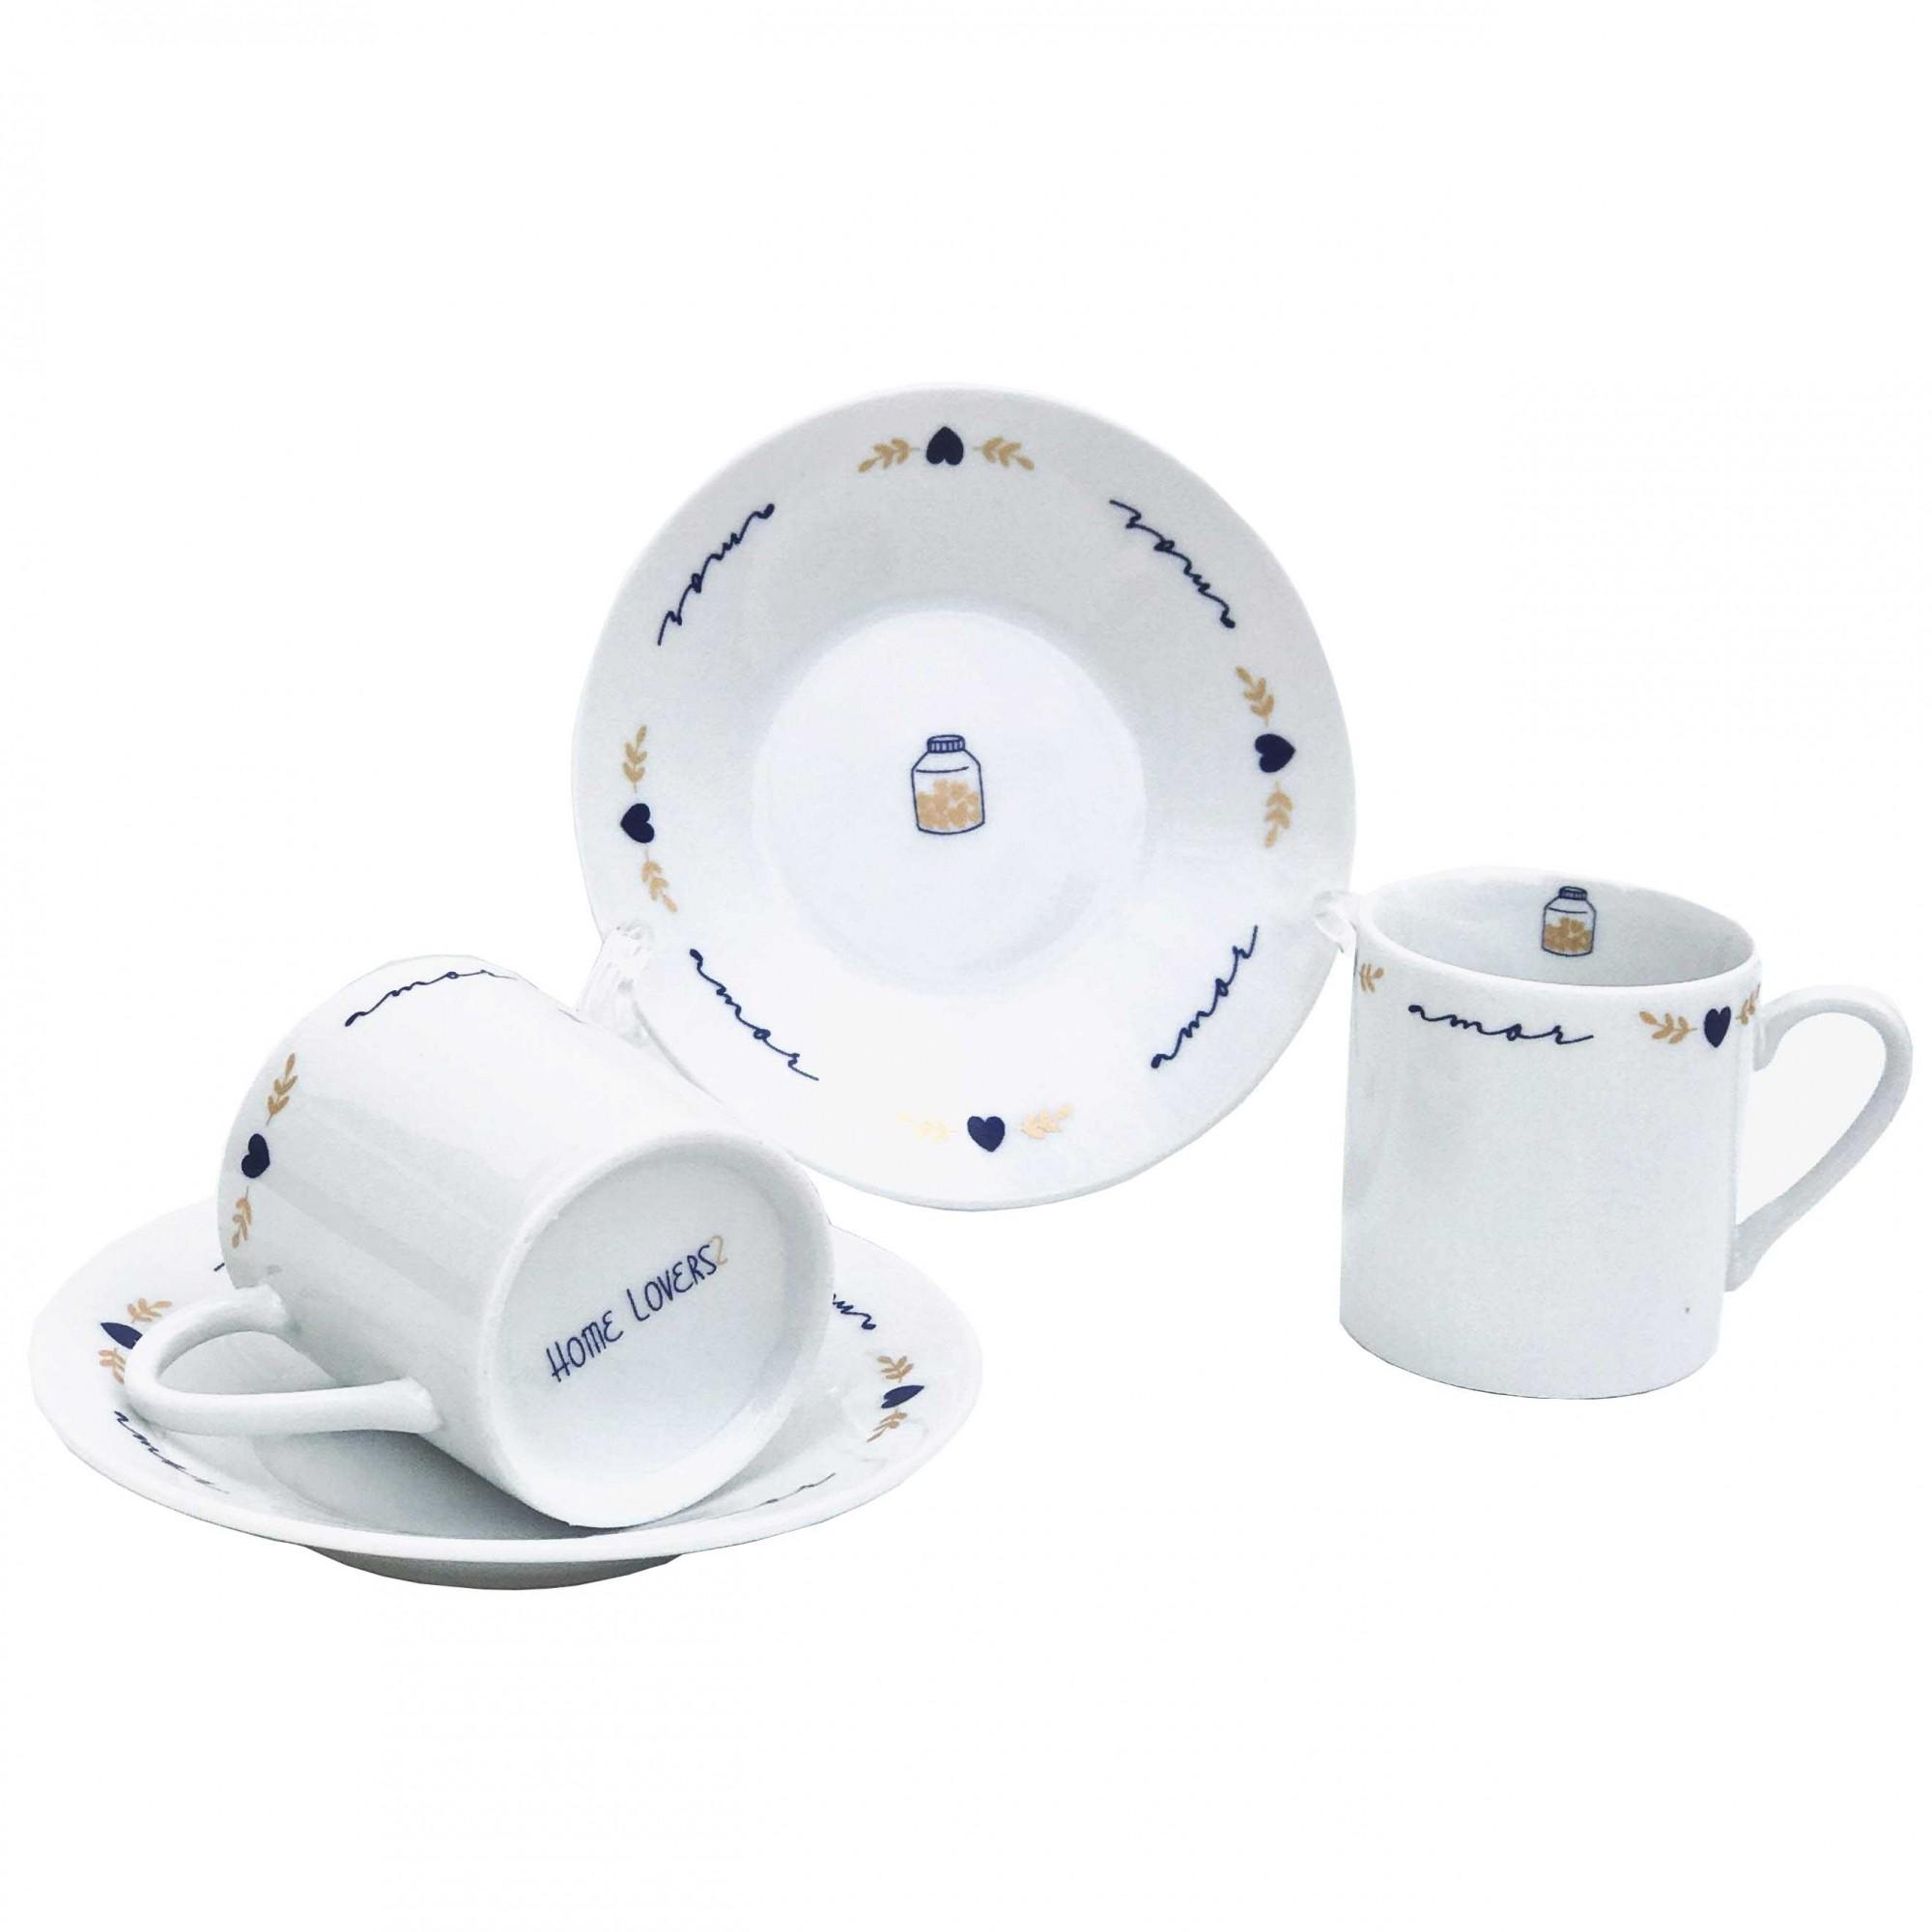 Jogo c/4 Xícaras p/Café com Pires, em porcelana, 80ml, coleção exclusiva Poções de Amor